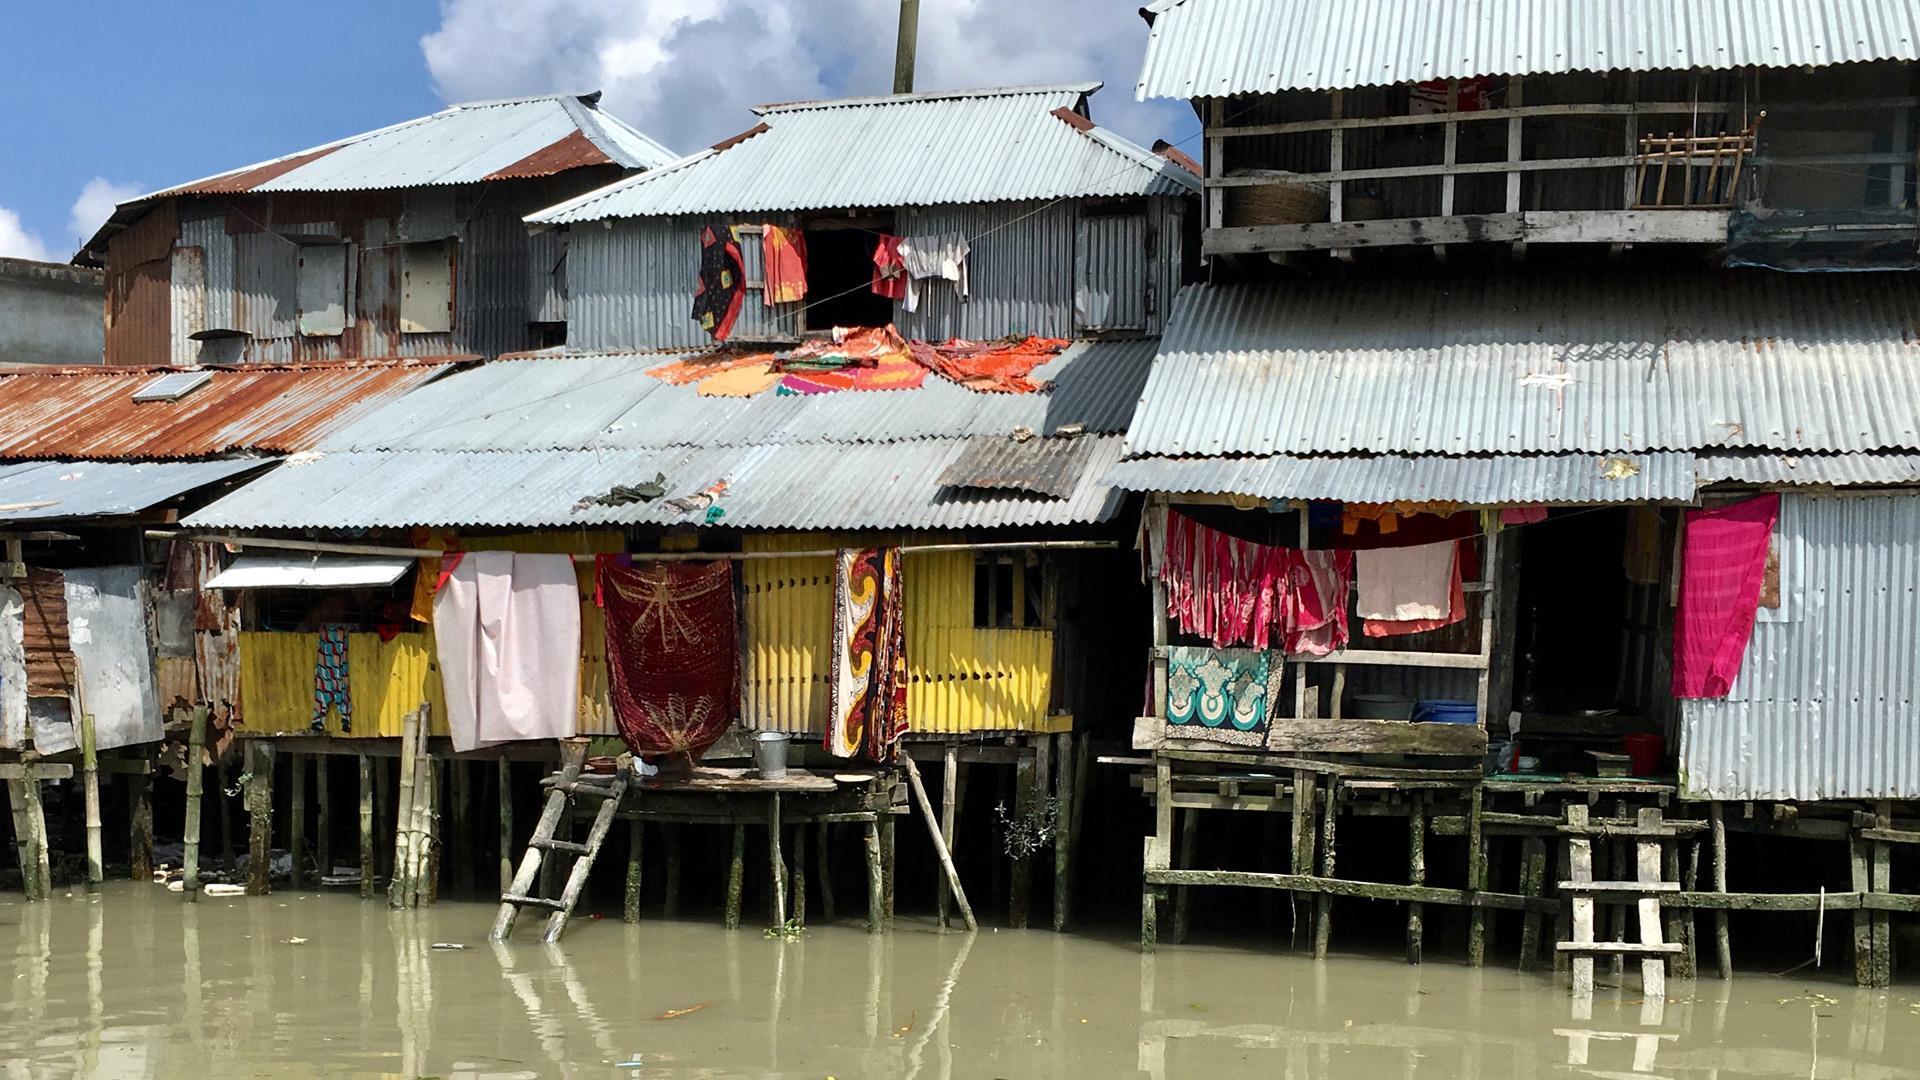 Überschwemmung in der Stadt Barisal in Bangladesch